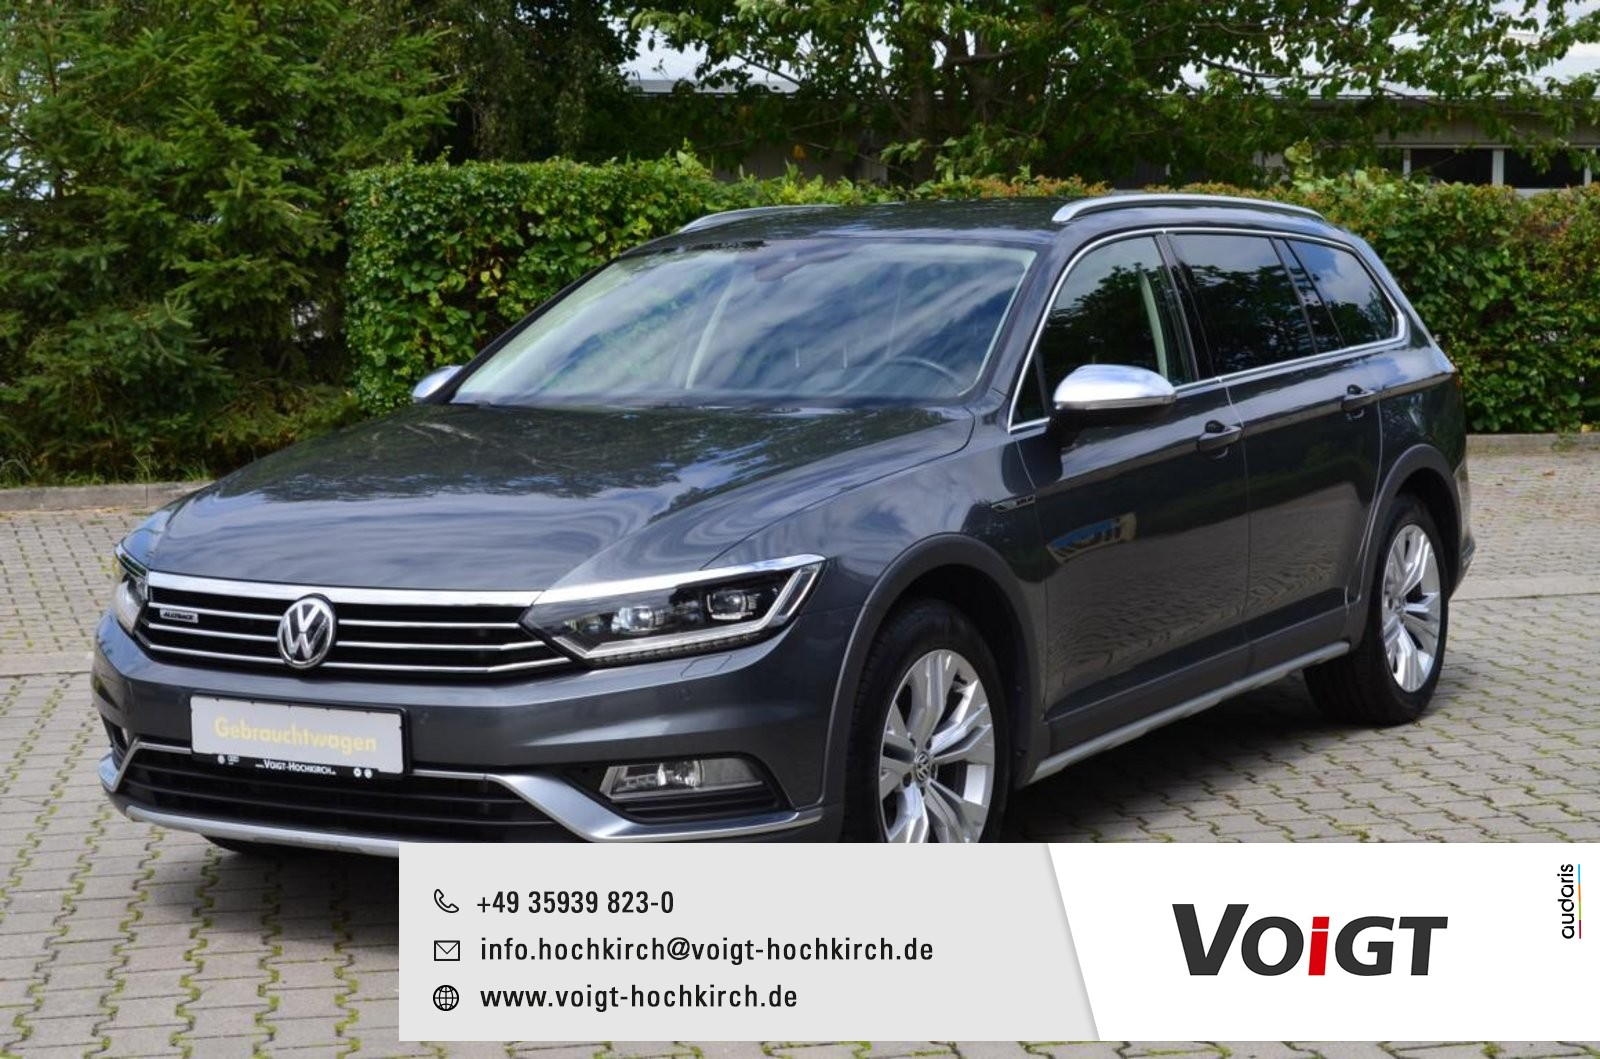 Volkswagen Passat Alltrack 4Motion LED ACC STANDHZG AHK, Jahr 2016, Diesel